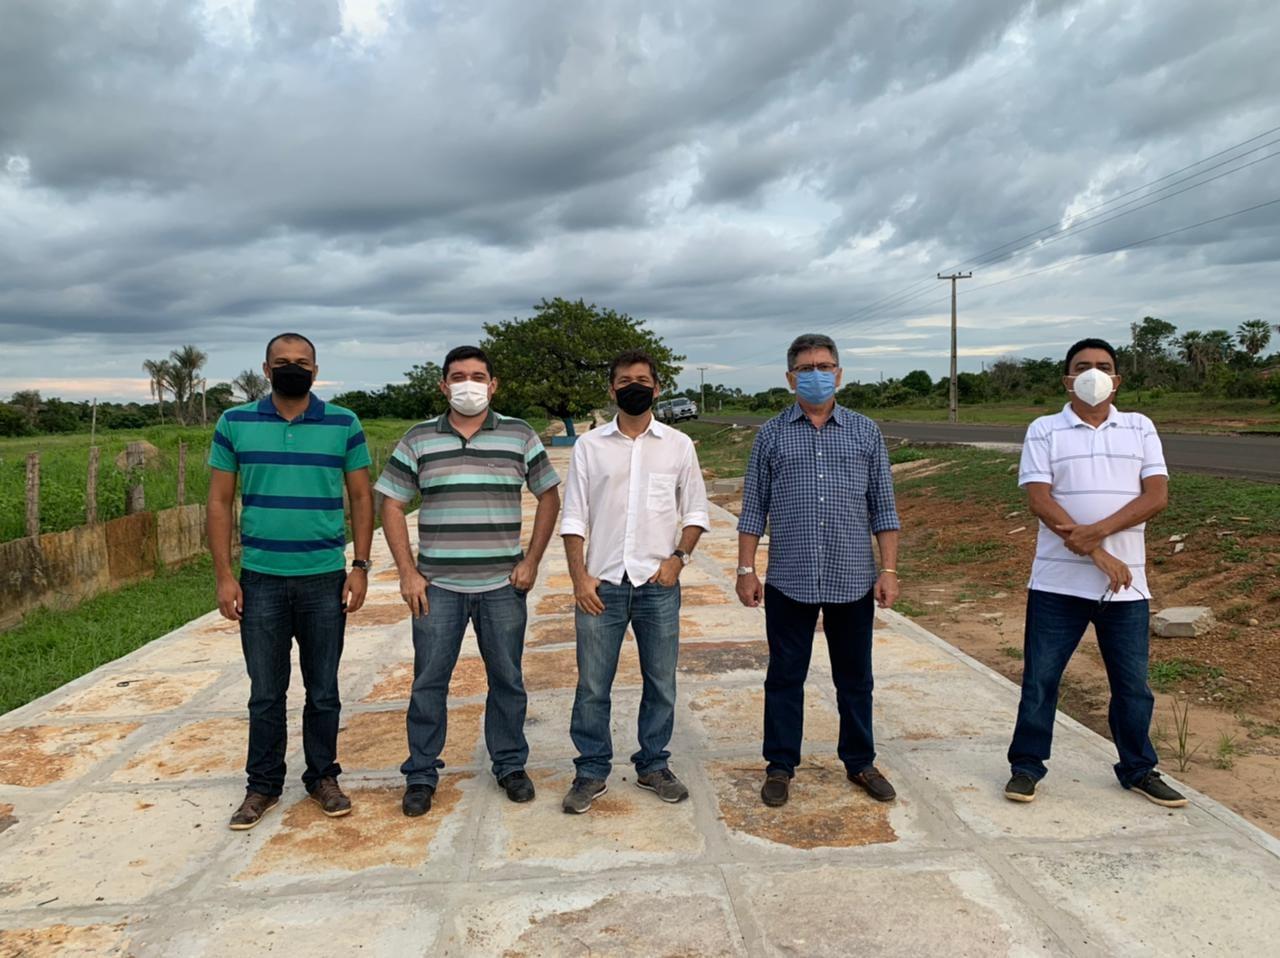 Prefeitura de Coivaras investe na construção de uma Pista de Cooper na entrada da cidade - Imagem 1